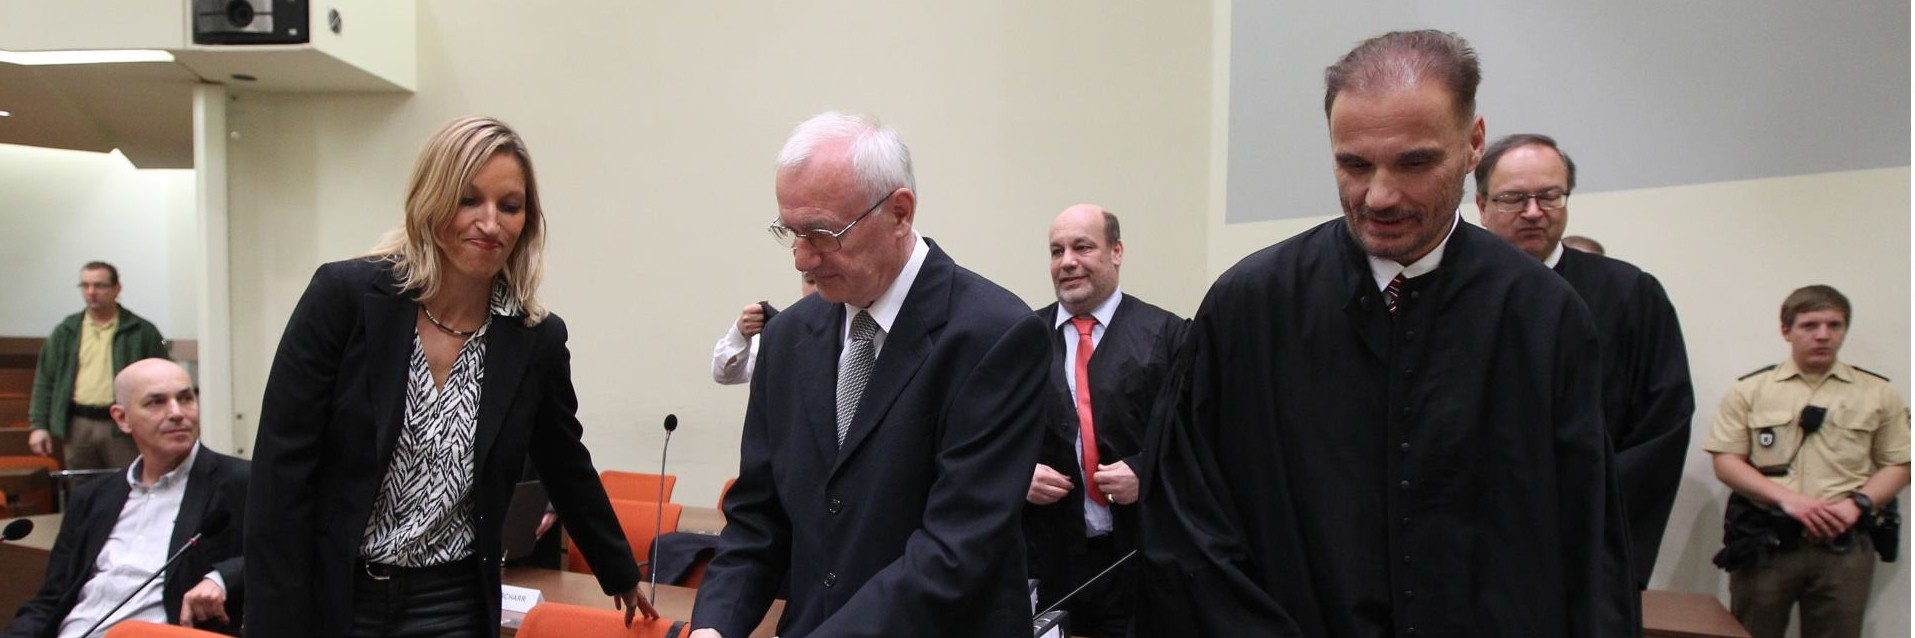 """PERKOVIĆEV ODVJETNIK NOBILO SE ŽALI: """"Suđenje nije bilo pošteno"""""""